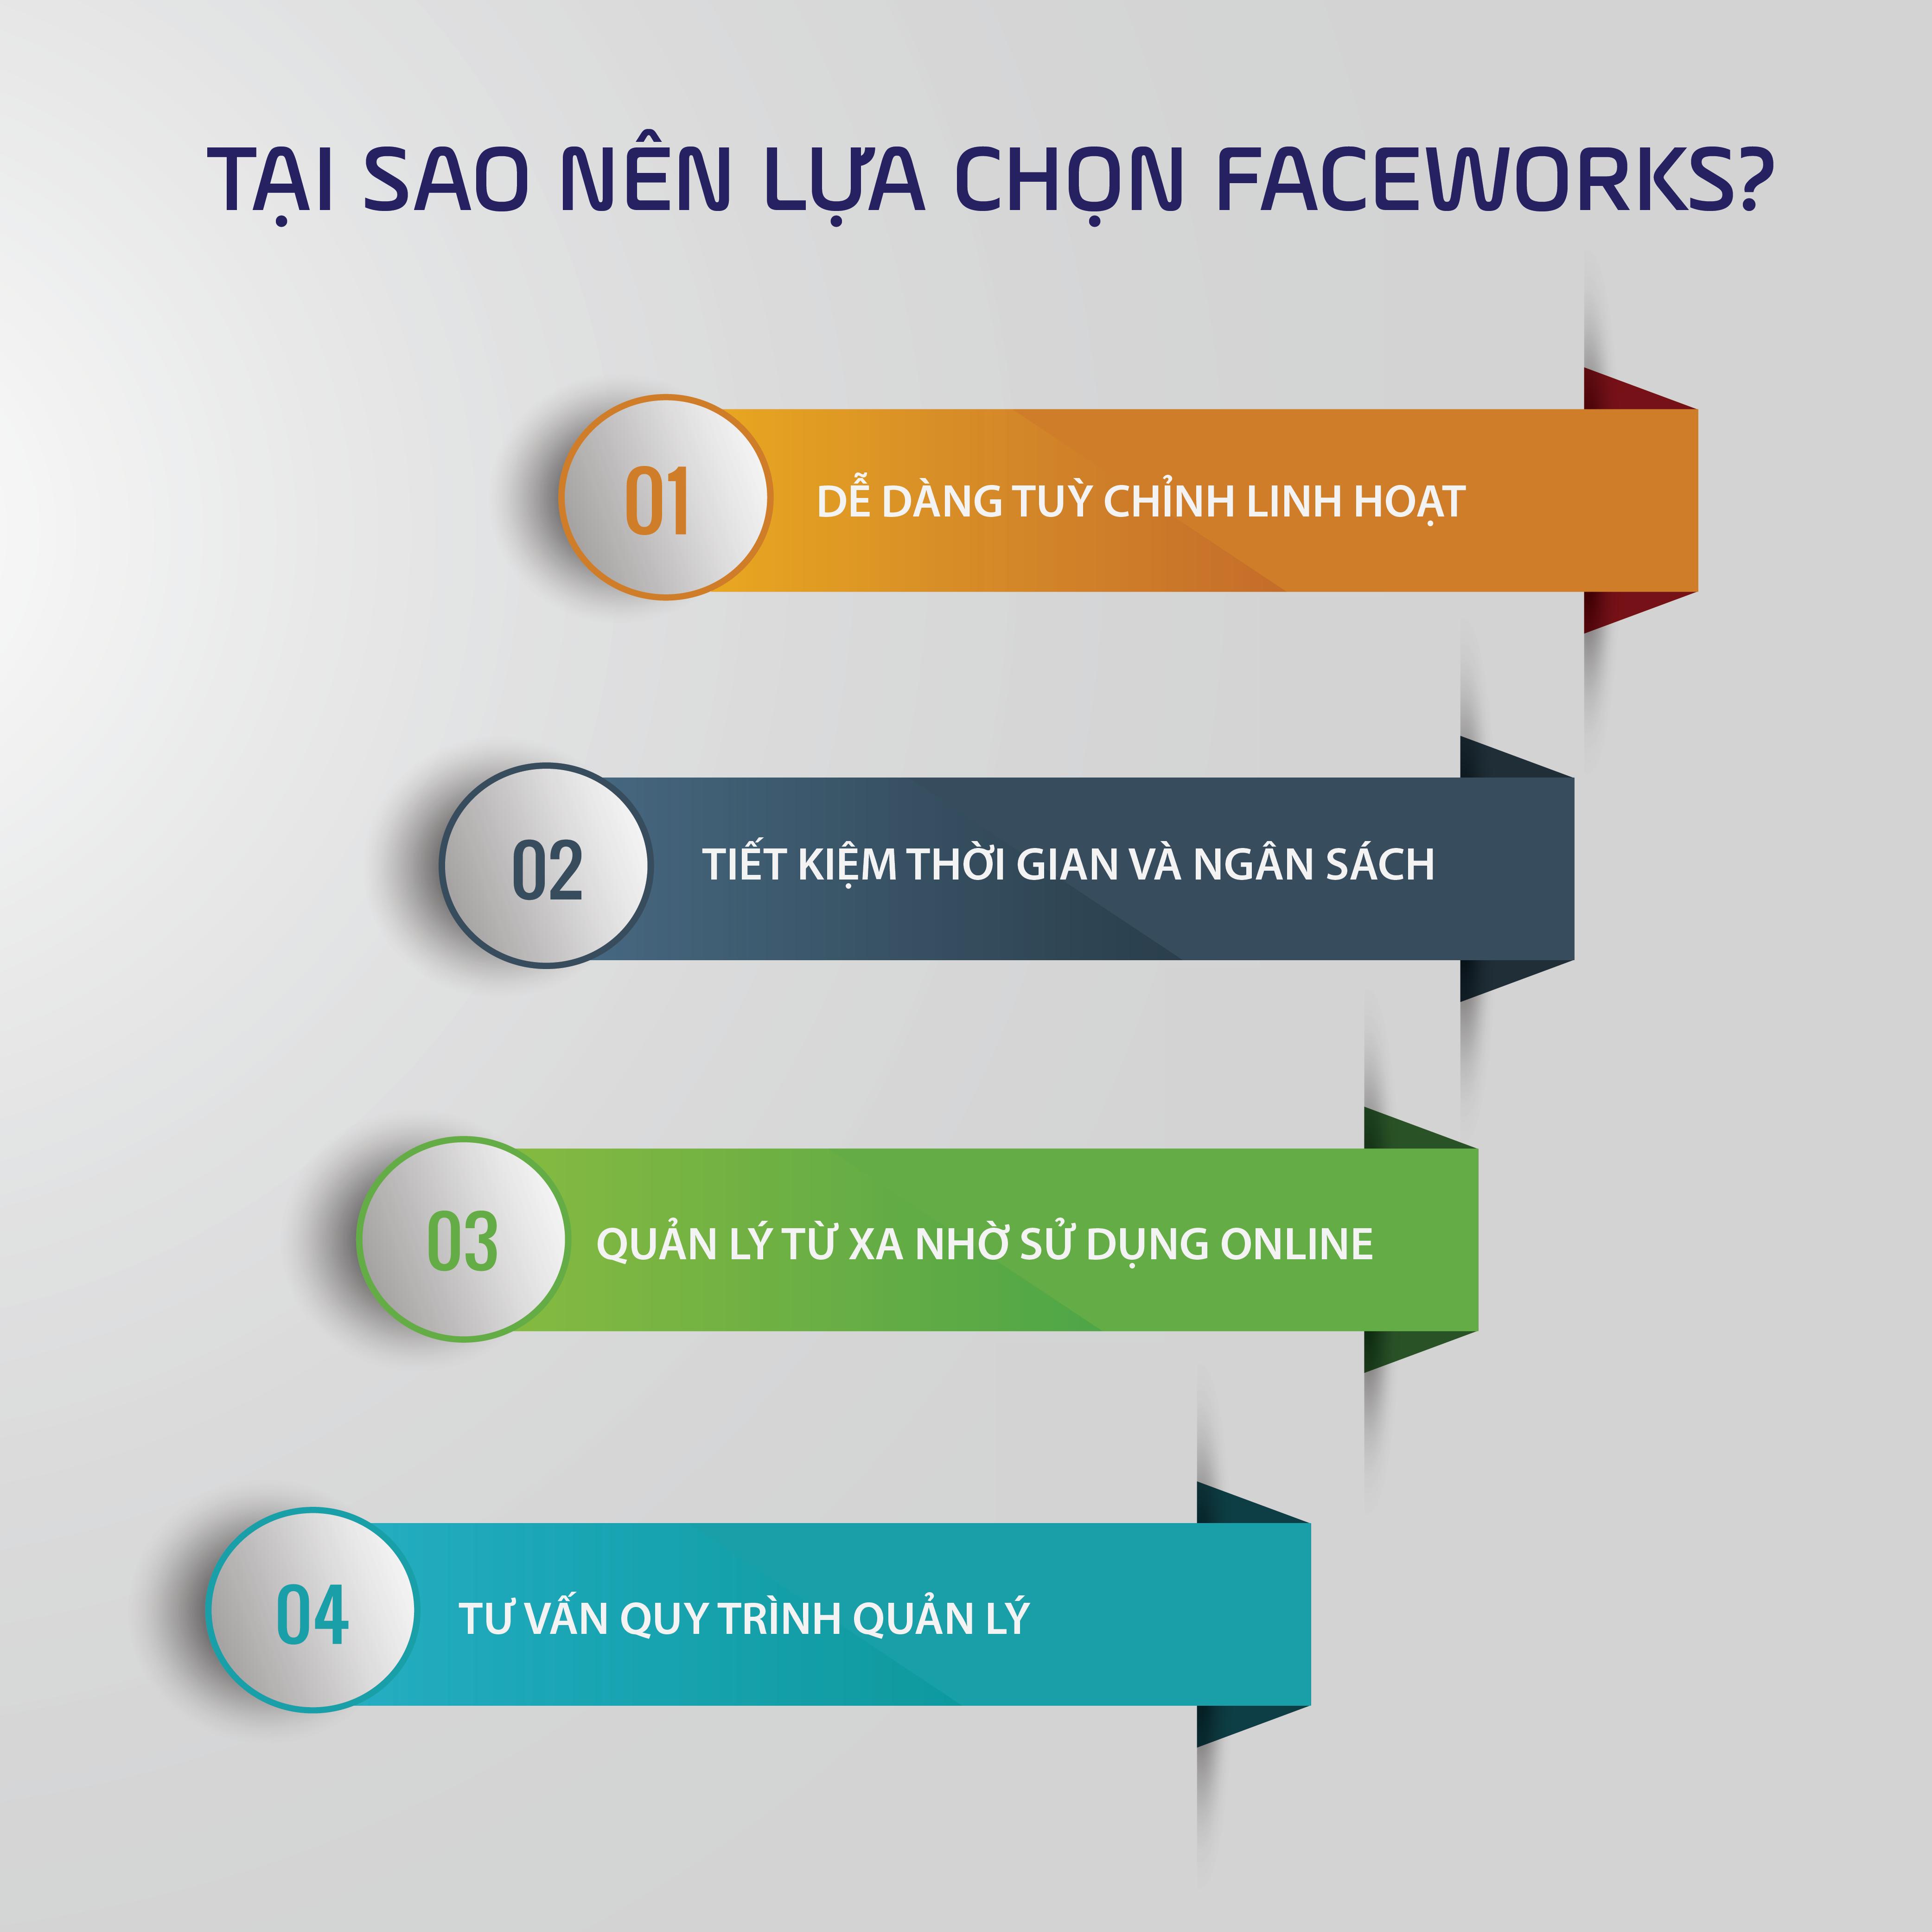 vi-sao-nen-lua-chon-faceworks